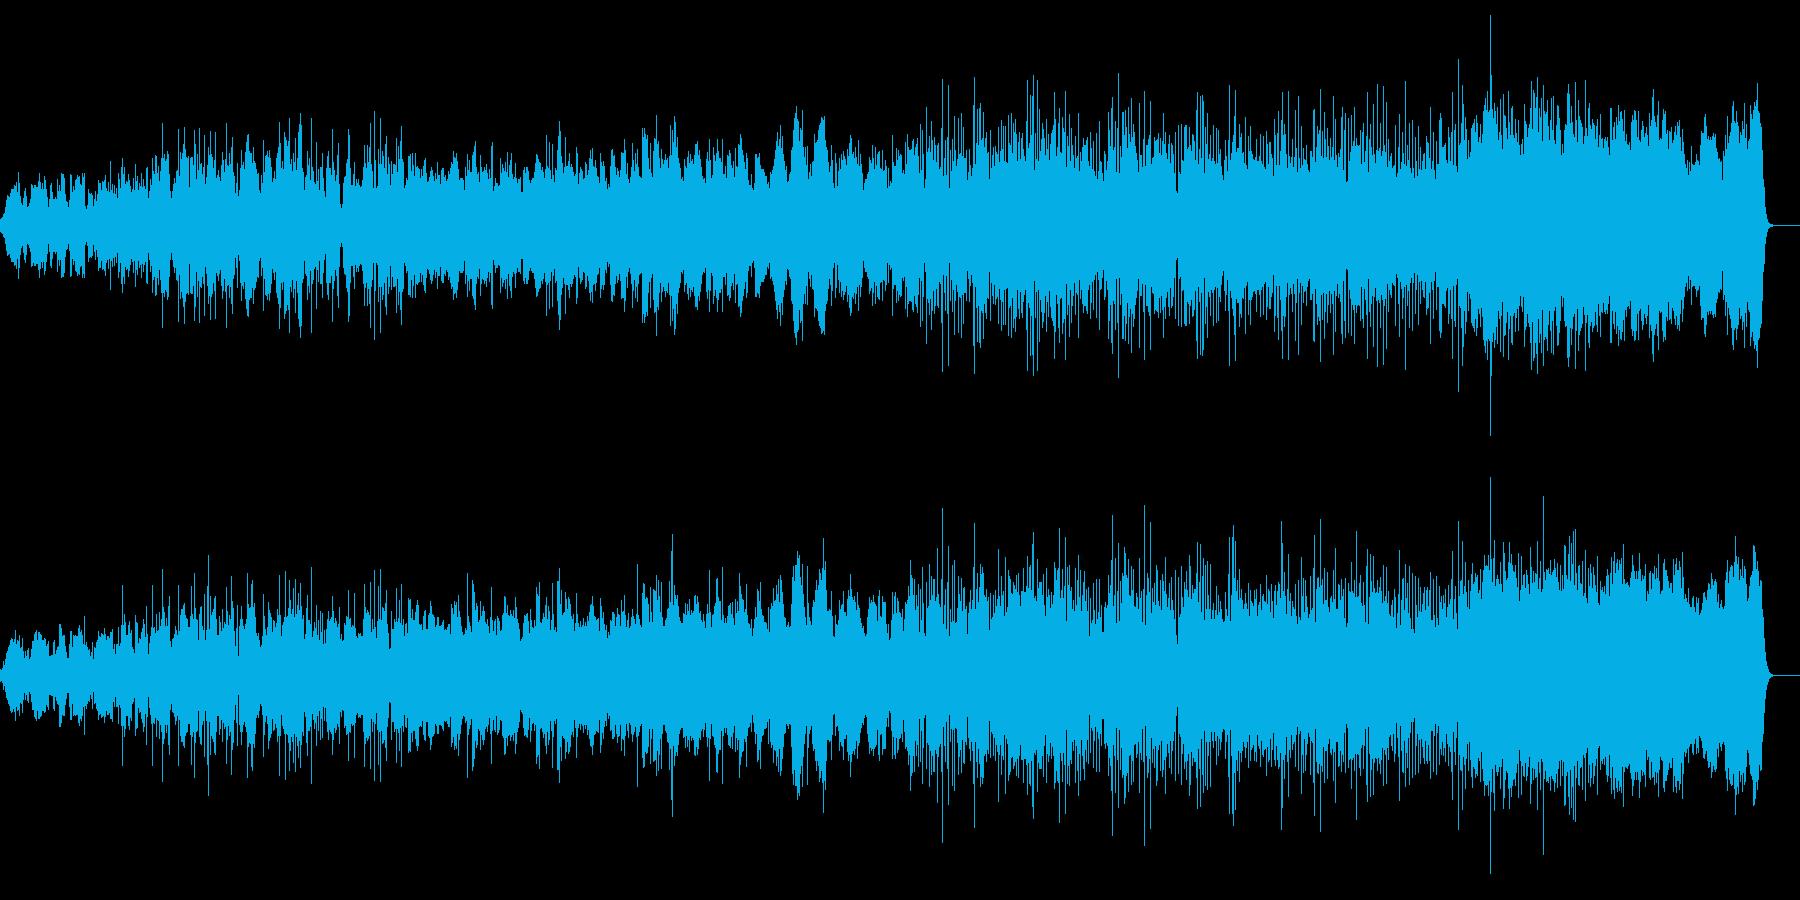 環境音、シンセ、フルート、ピアノ作品の再生済みの波形